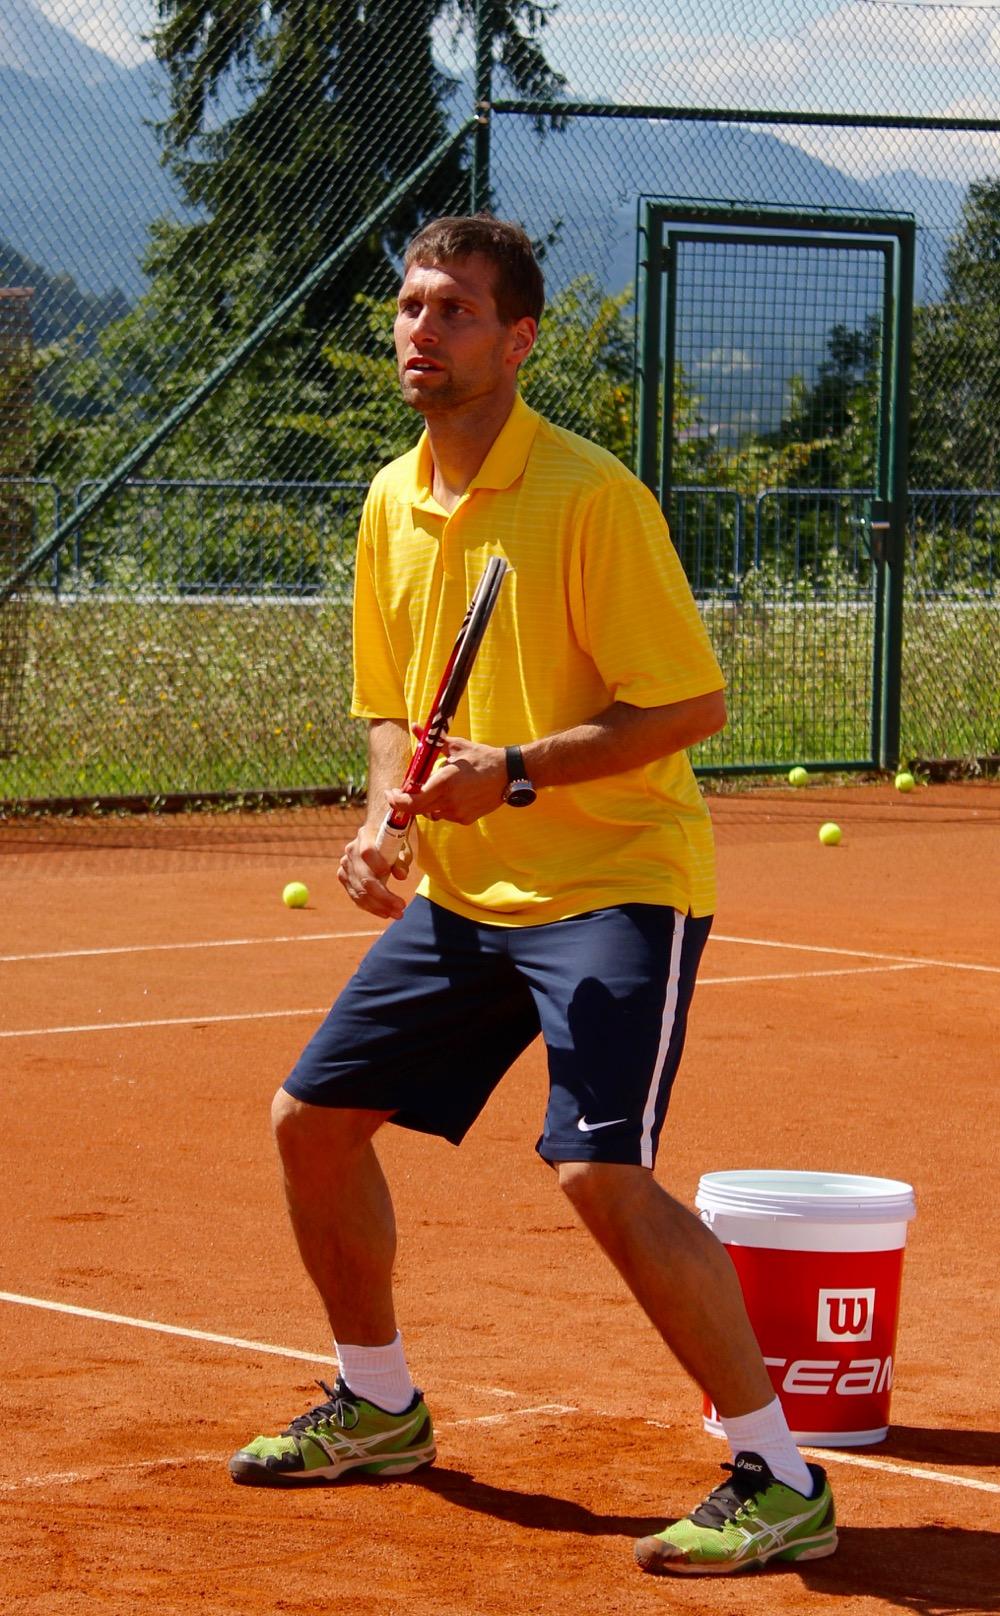 Unser Referent und Tennistrainer Dr. med. Dipl. Biochem Jan Wolff beim Tennis